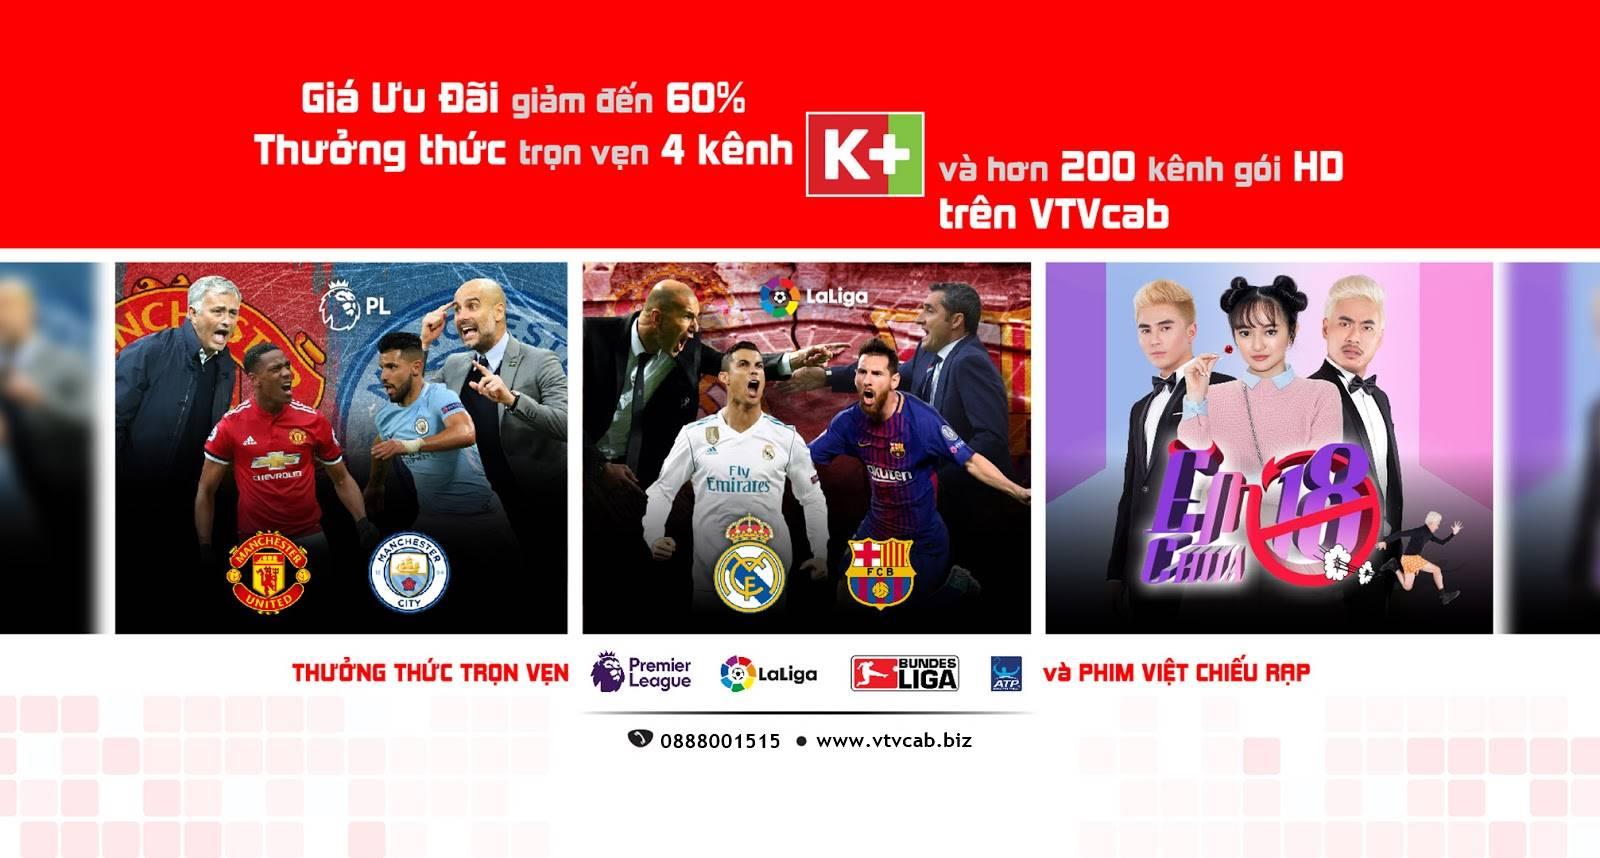 Nhóm kênh Truyền hình K+ trên VTVCab giá rẻ